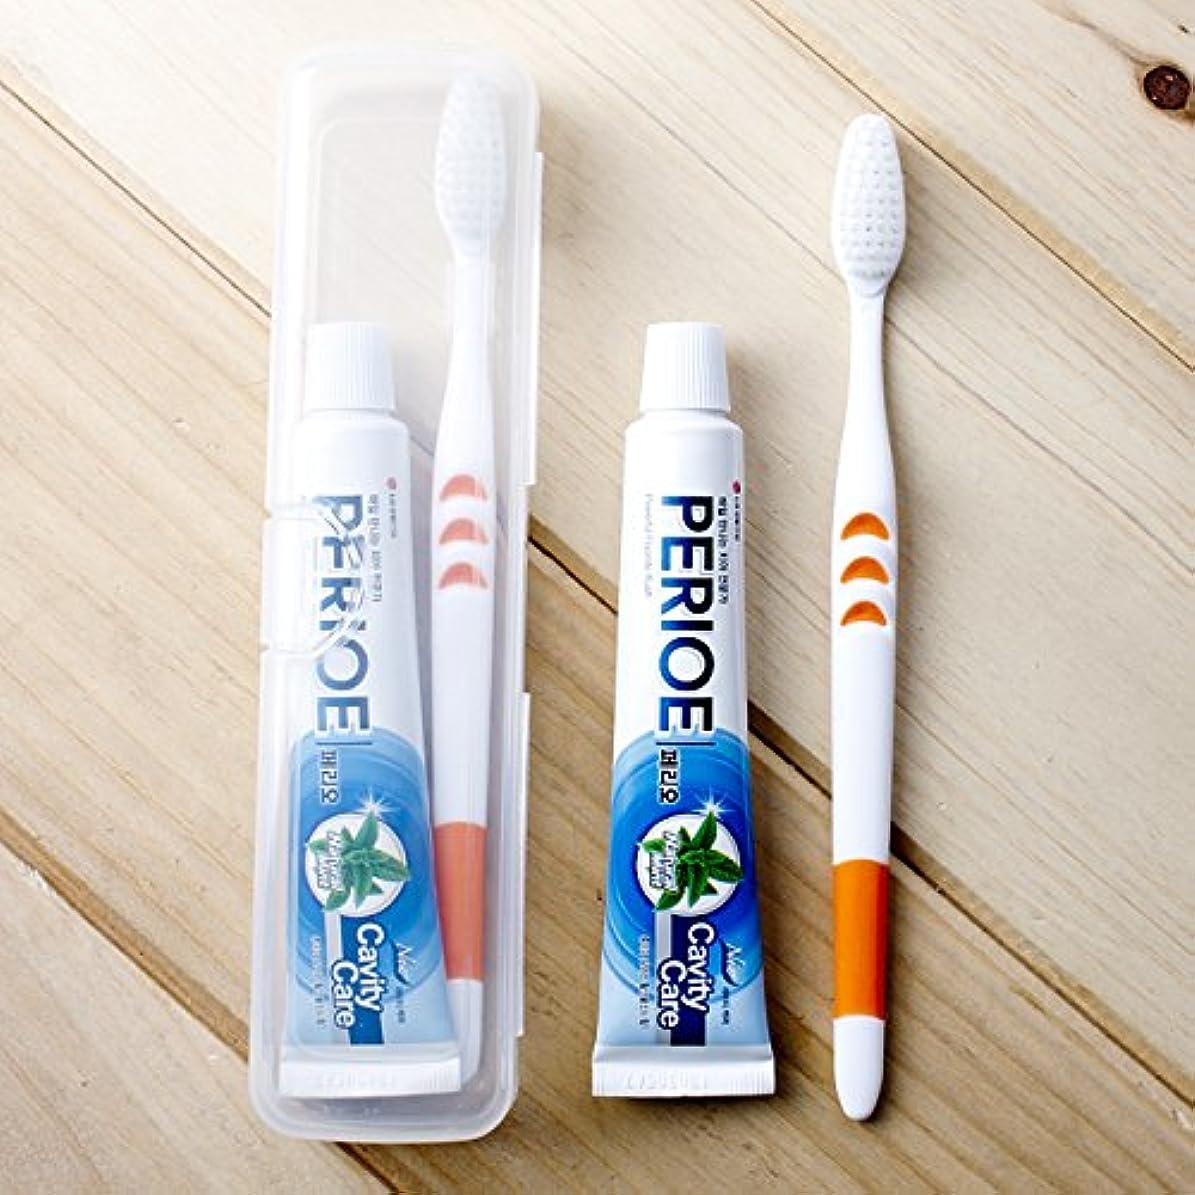 矩形液体ハイランドVBMDoM 旅行歯ブラシキットセット x 2個 韓国製品 [並行輸入品]